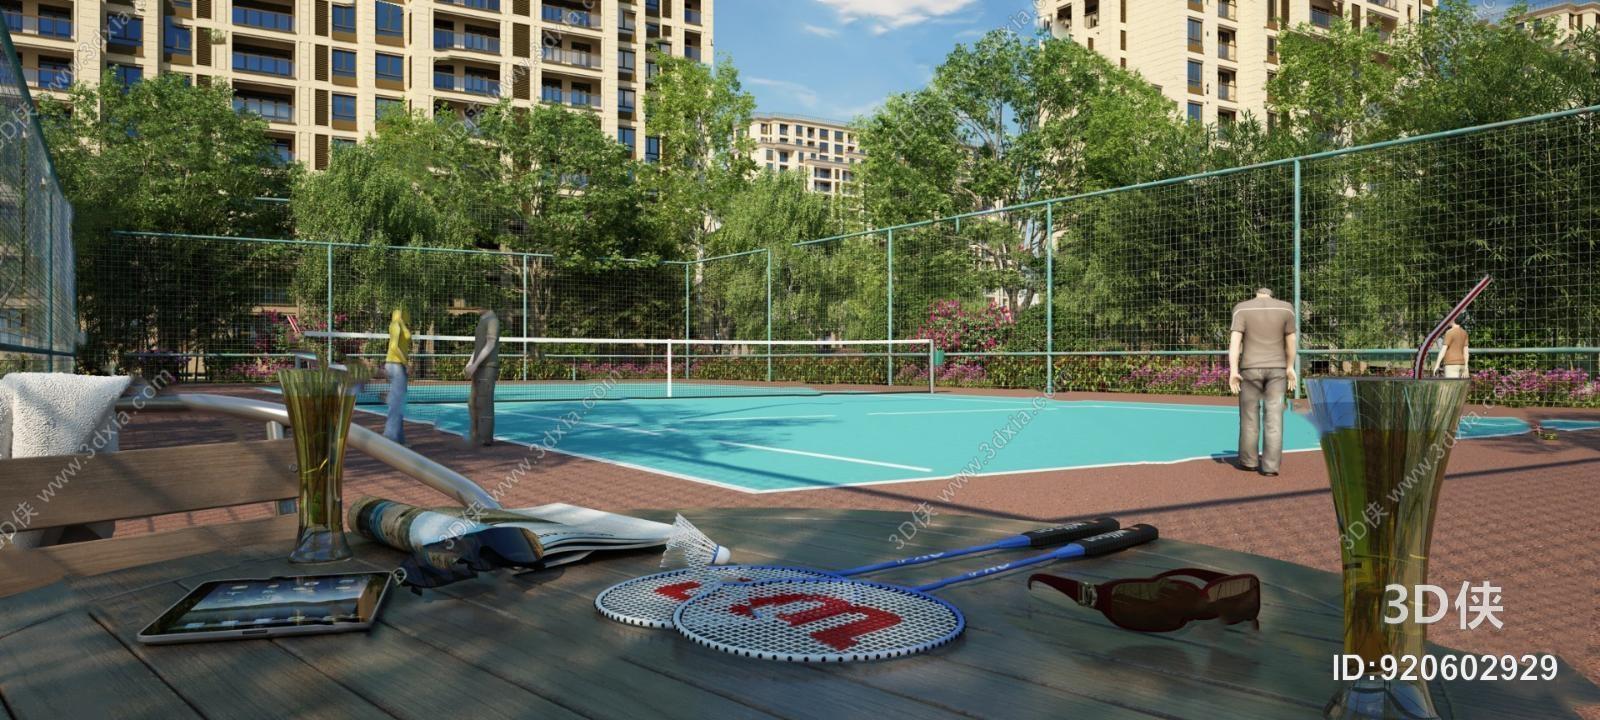 效果圖素材免費下載,本作品主題是現代羽毛球場3d模型,編號是